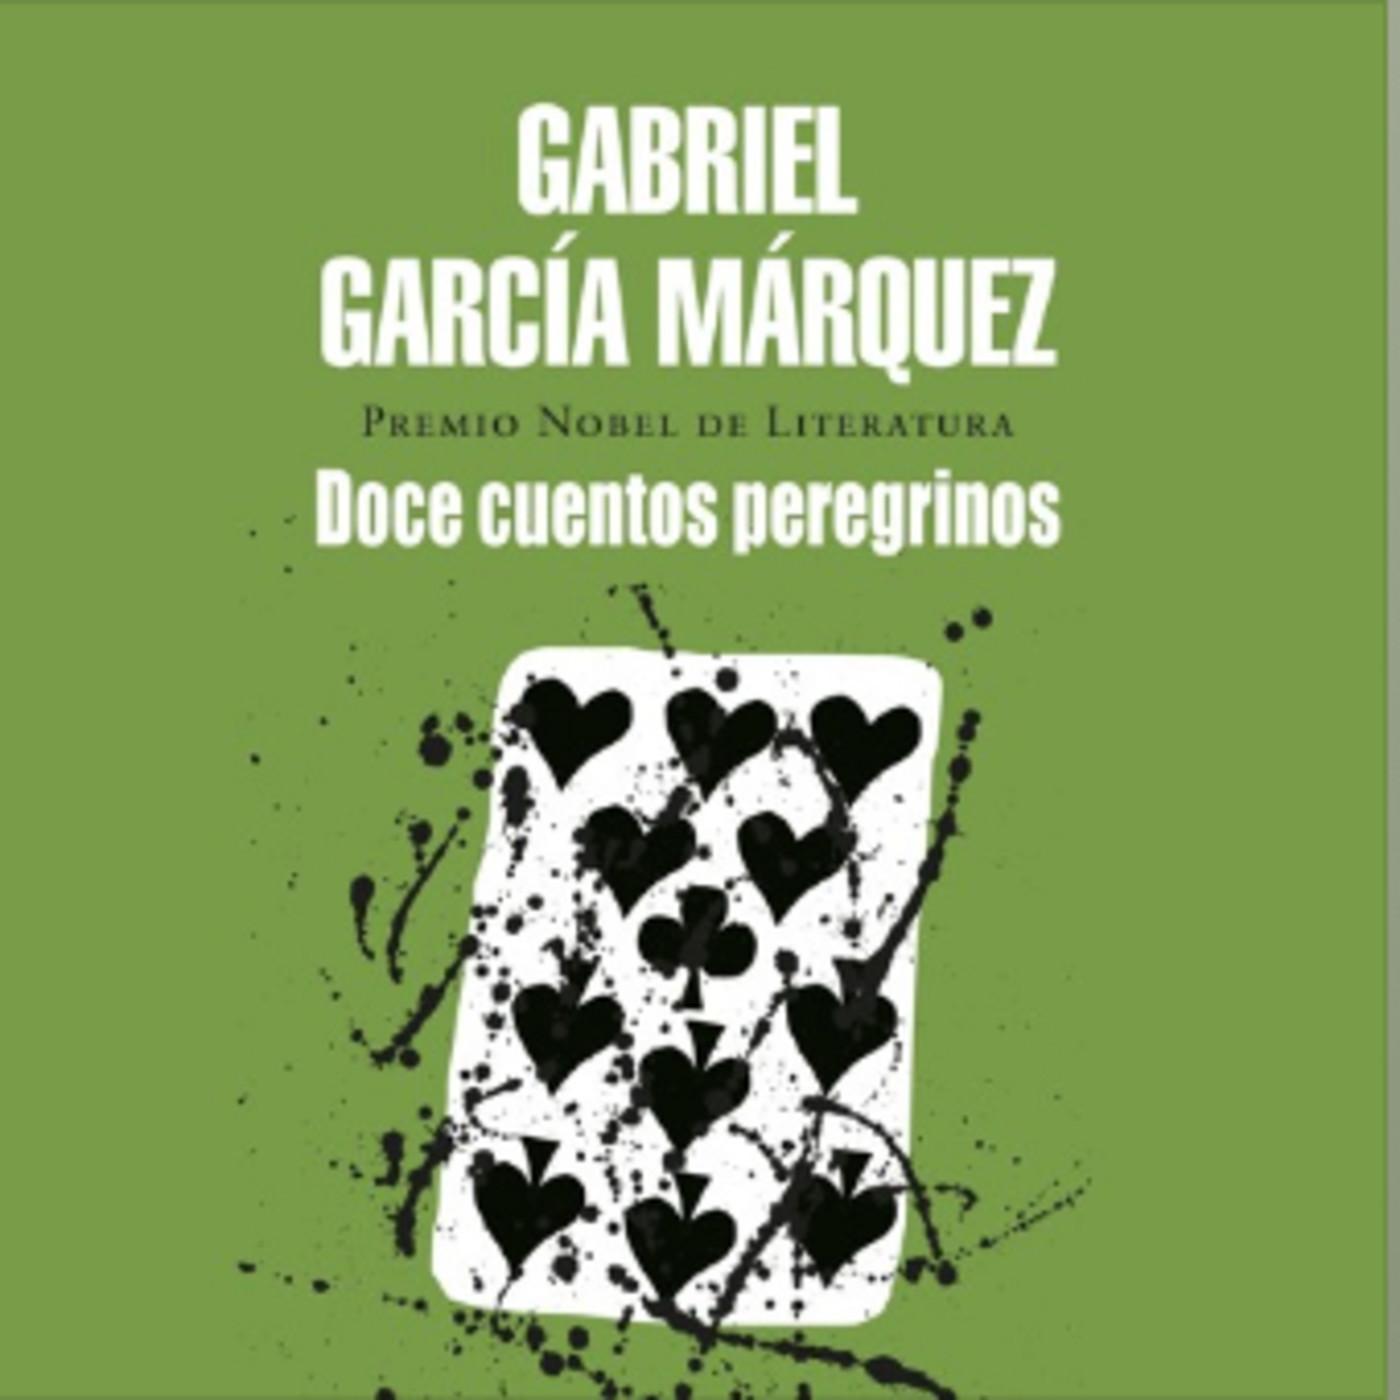 Doce cuentos peregrinos gabriel garc a m rquez en for Cuentos de gabriel garcia marquez